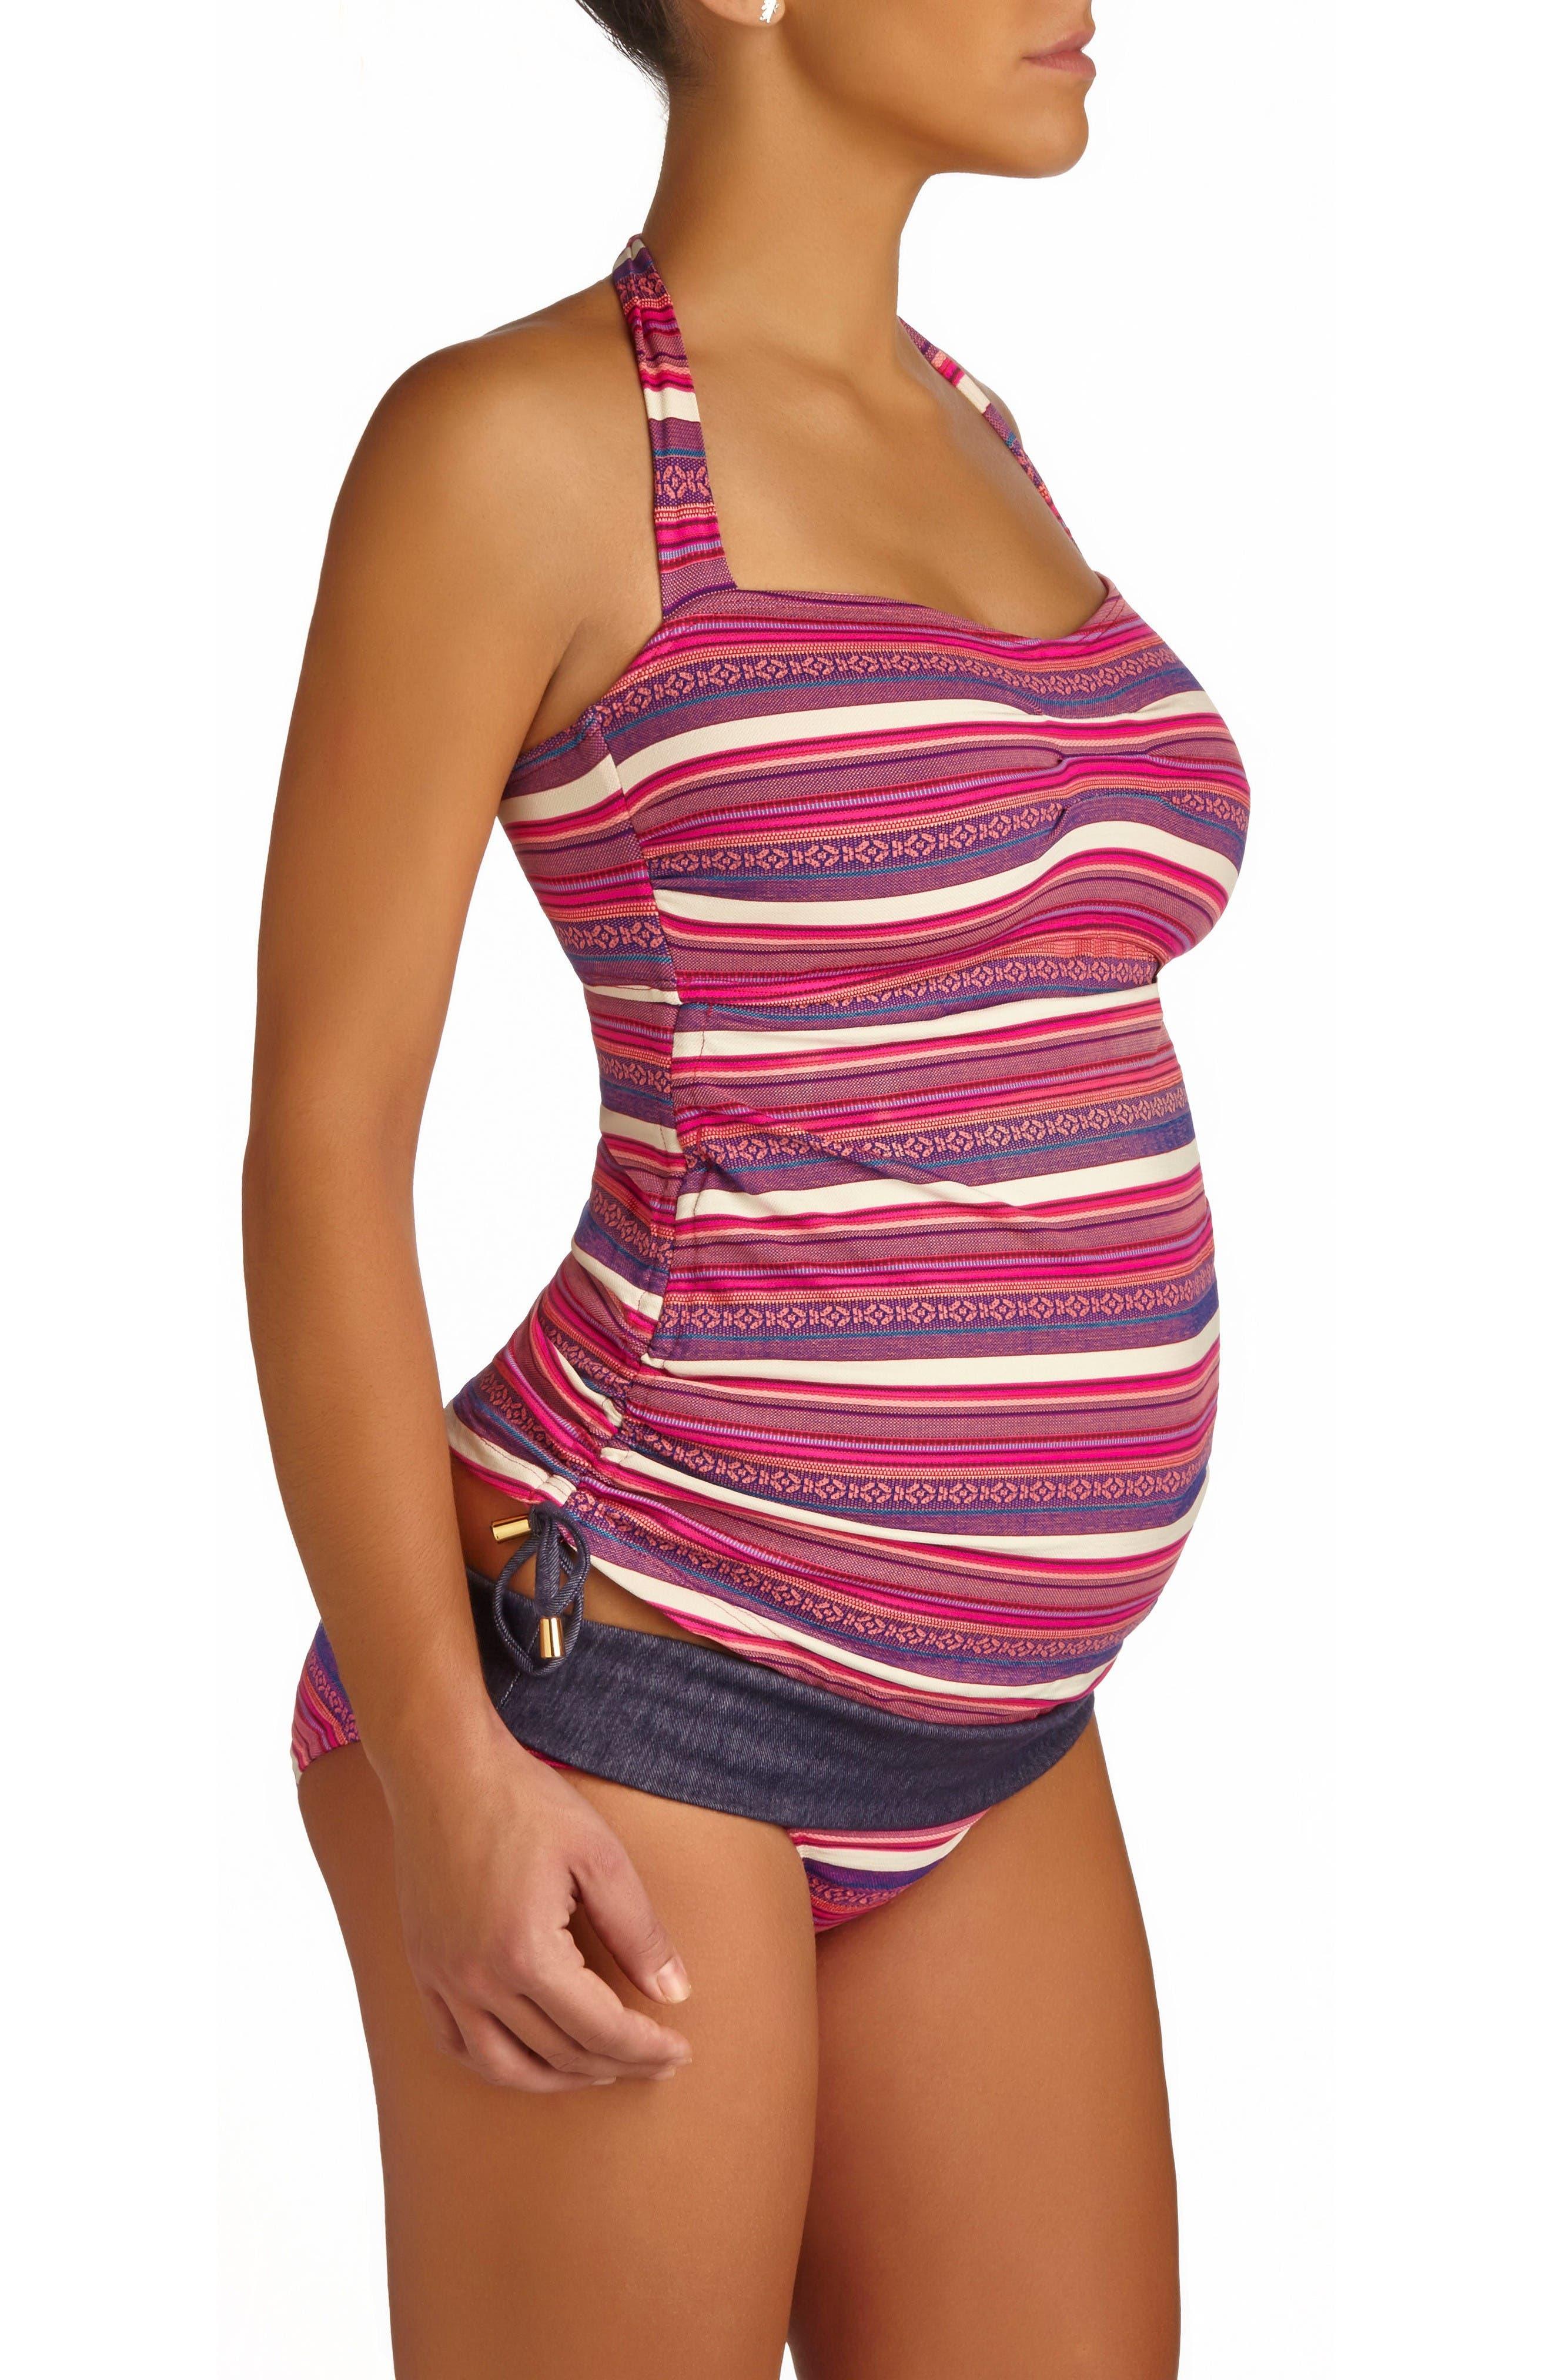 Oaxaca Jacquard Tankini Maternity Swimsuit,                             Main thumbnail 1, color,                             Fuchsia